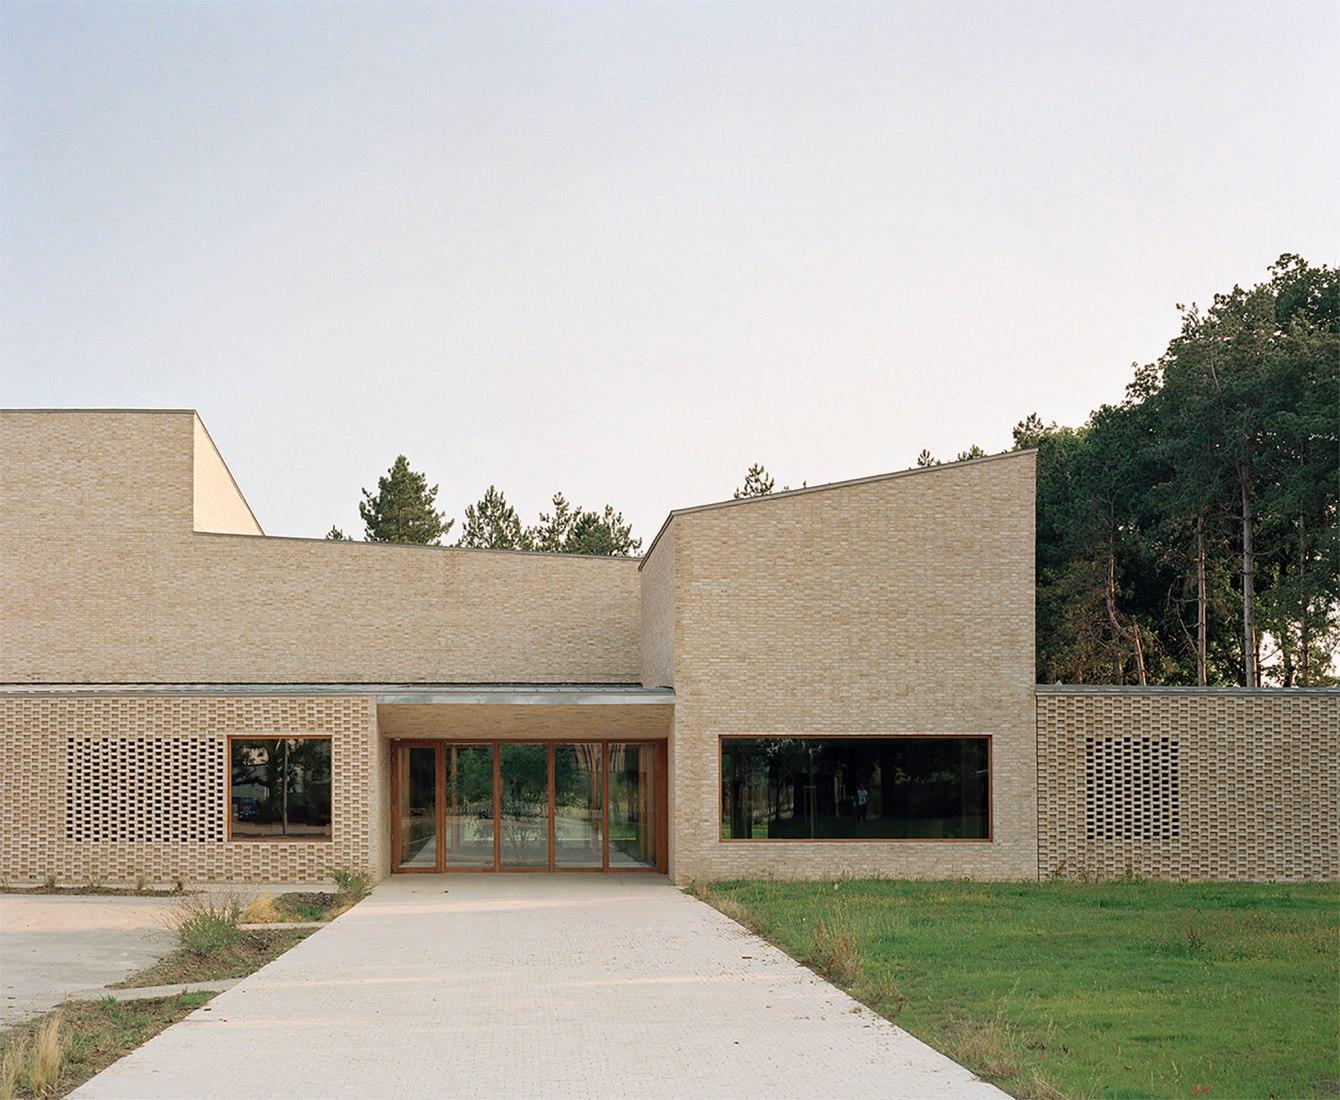 Centro cultural Pierres Blanches por RAUM architects. Fotografía por Audrey Cerdan.